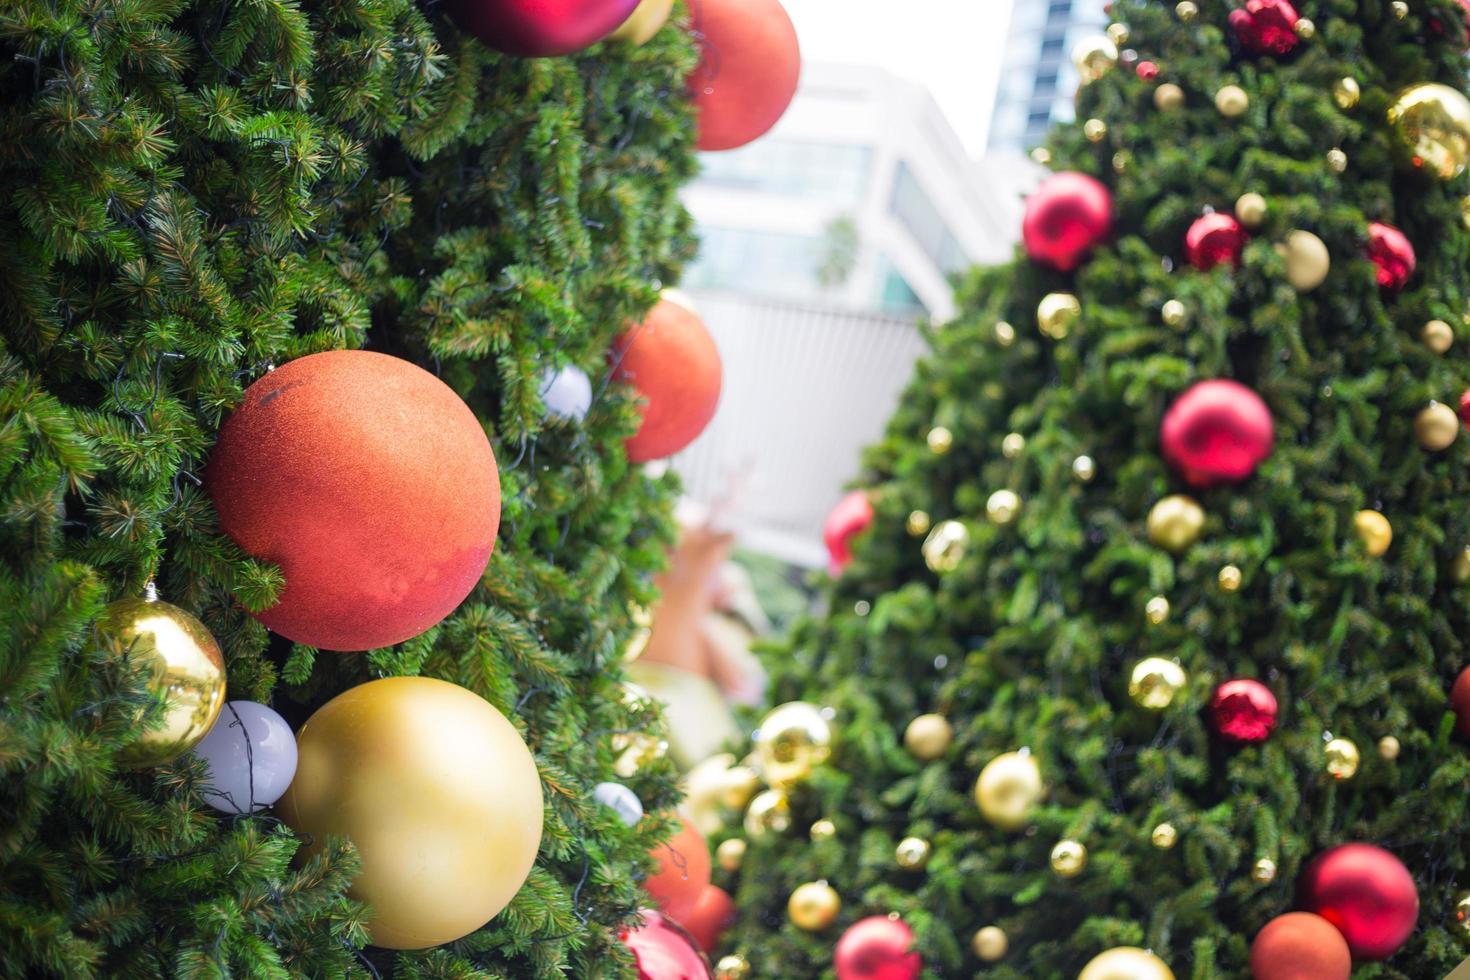 bolas de navidad decoracion foto